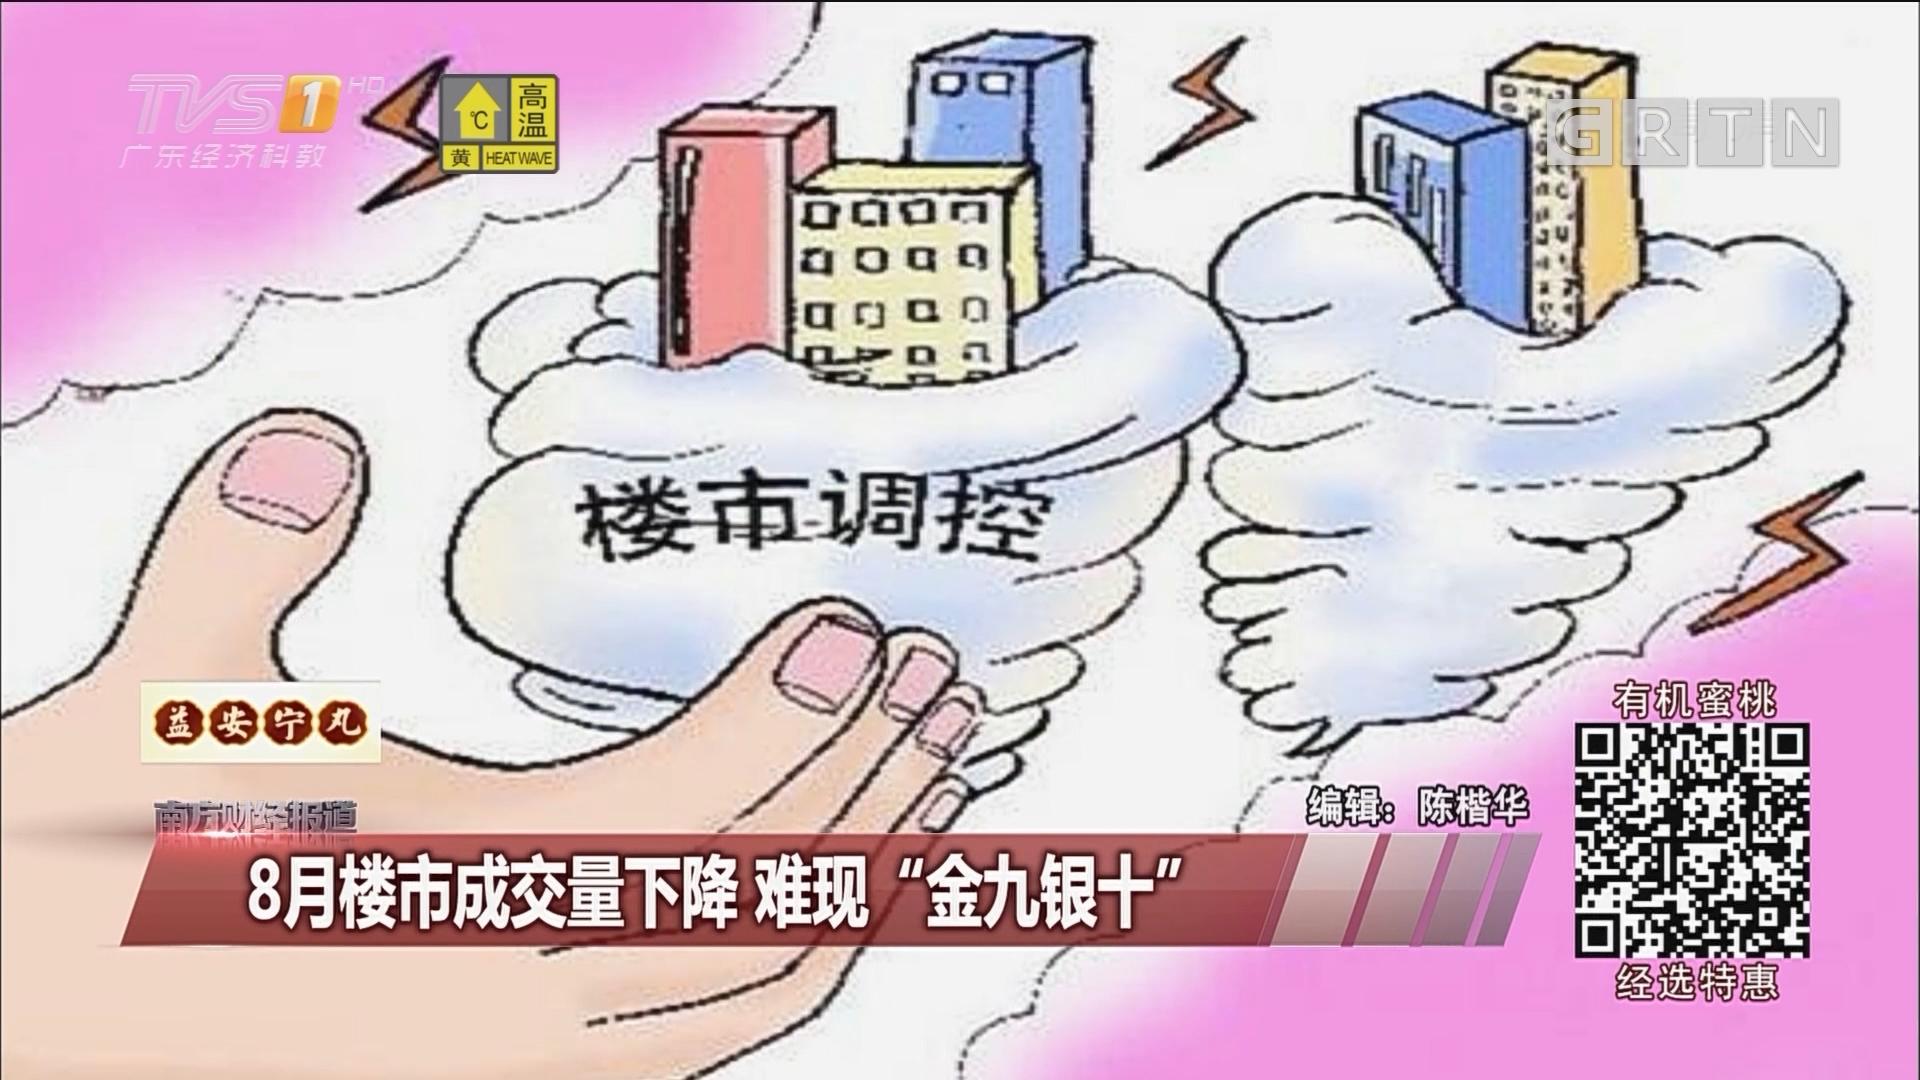 """8月楼市成交量下降 难现""""金九银十"""""""